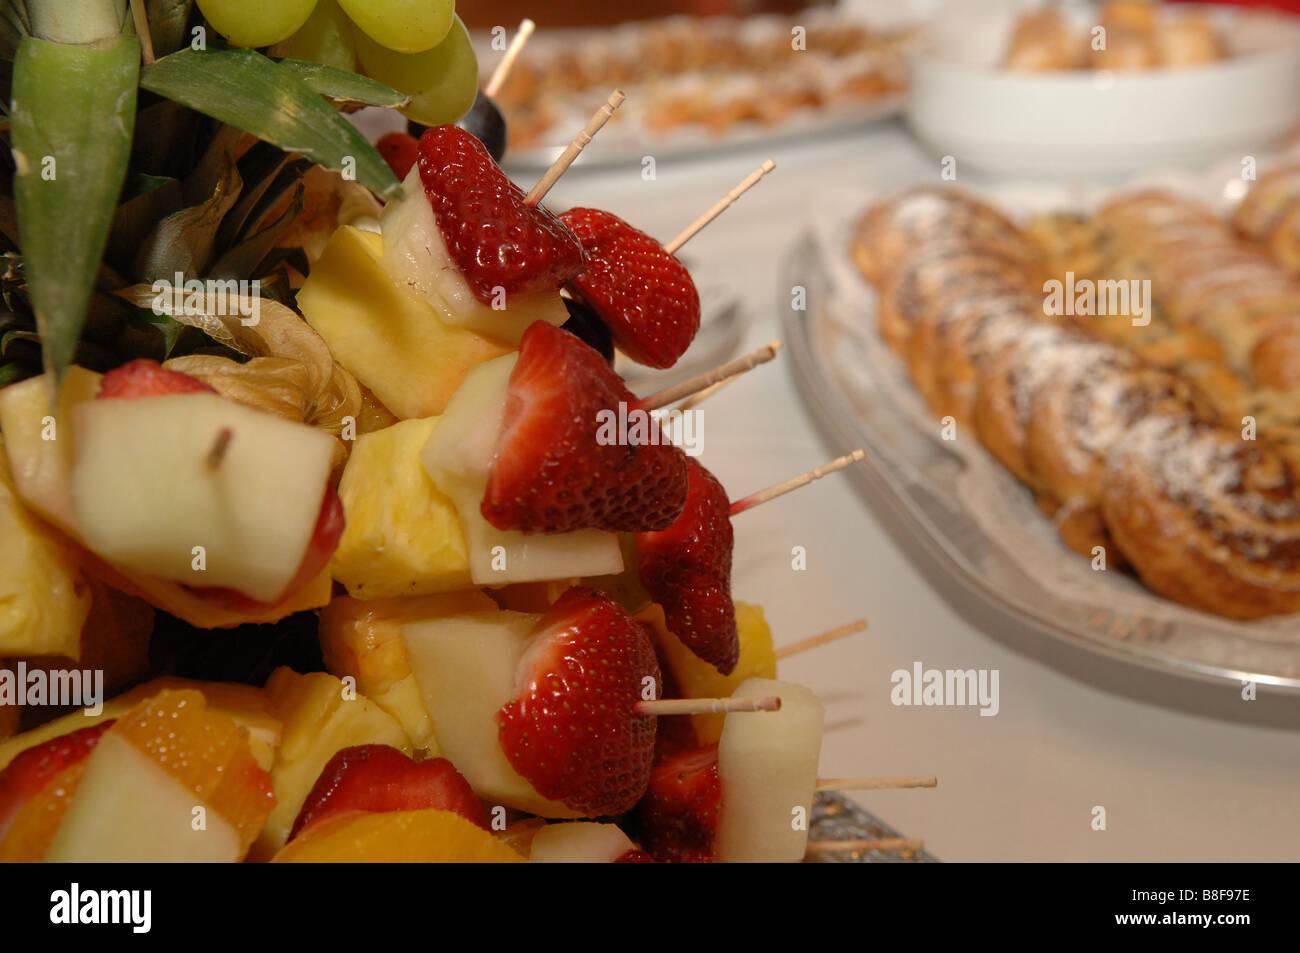 Repas Buffet verre décoré fruits faim Photo Stock